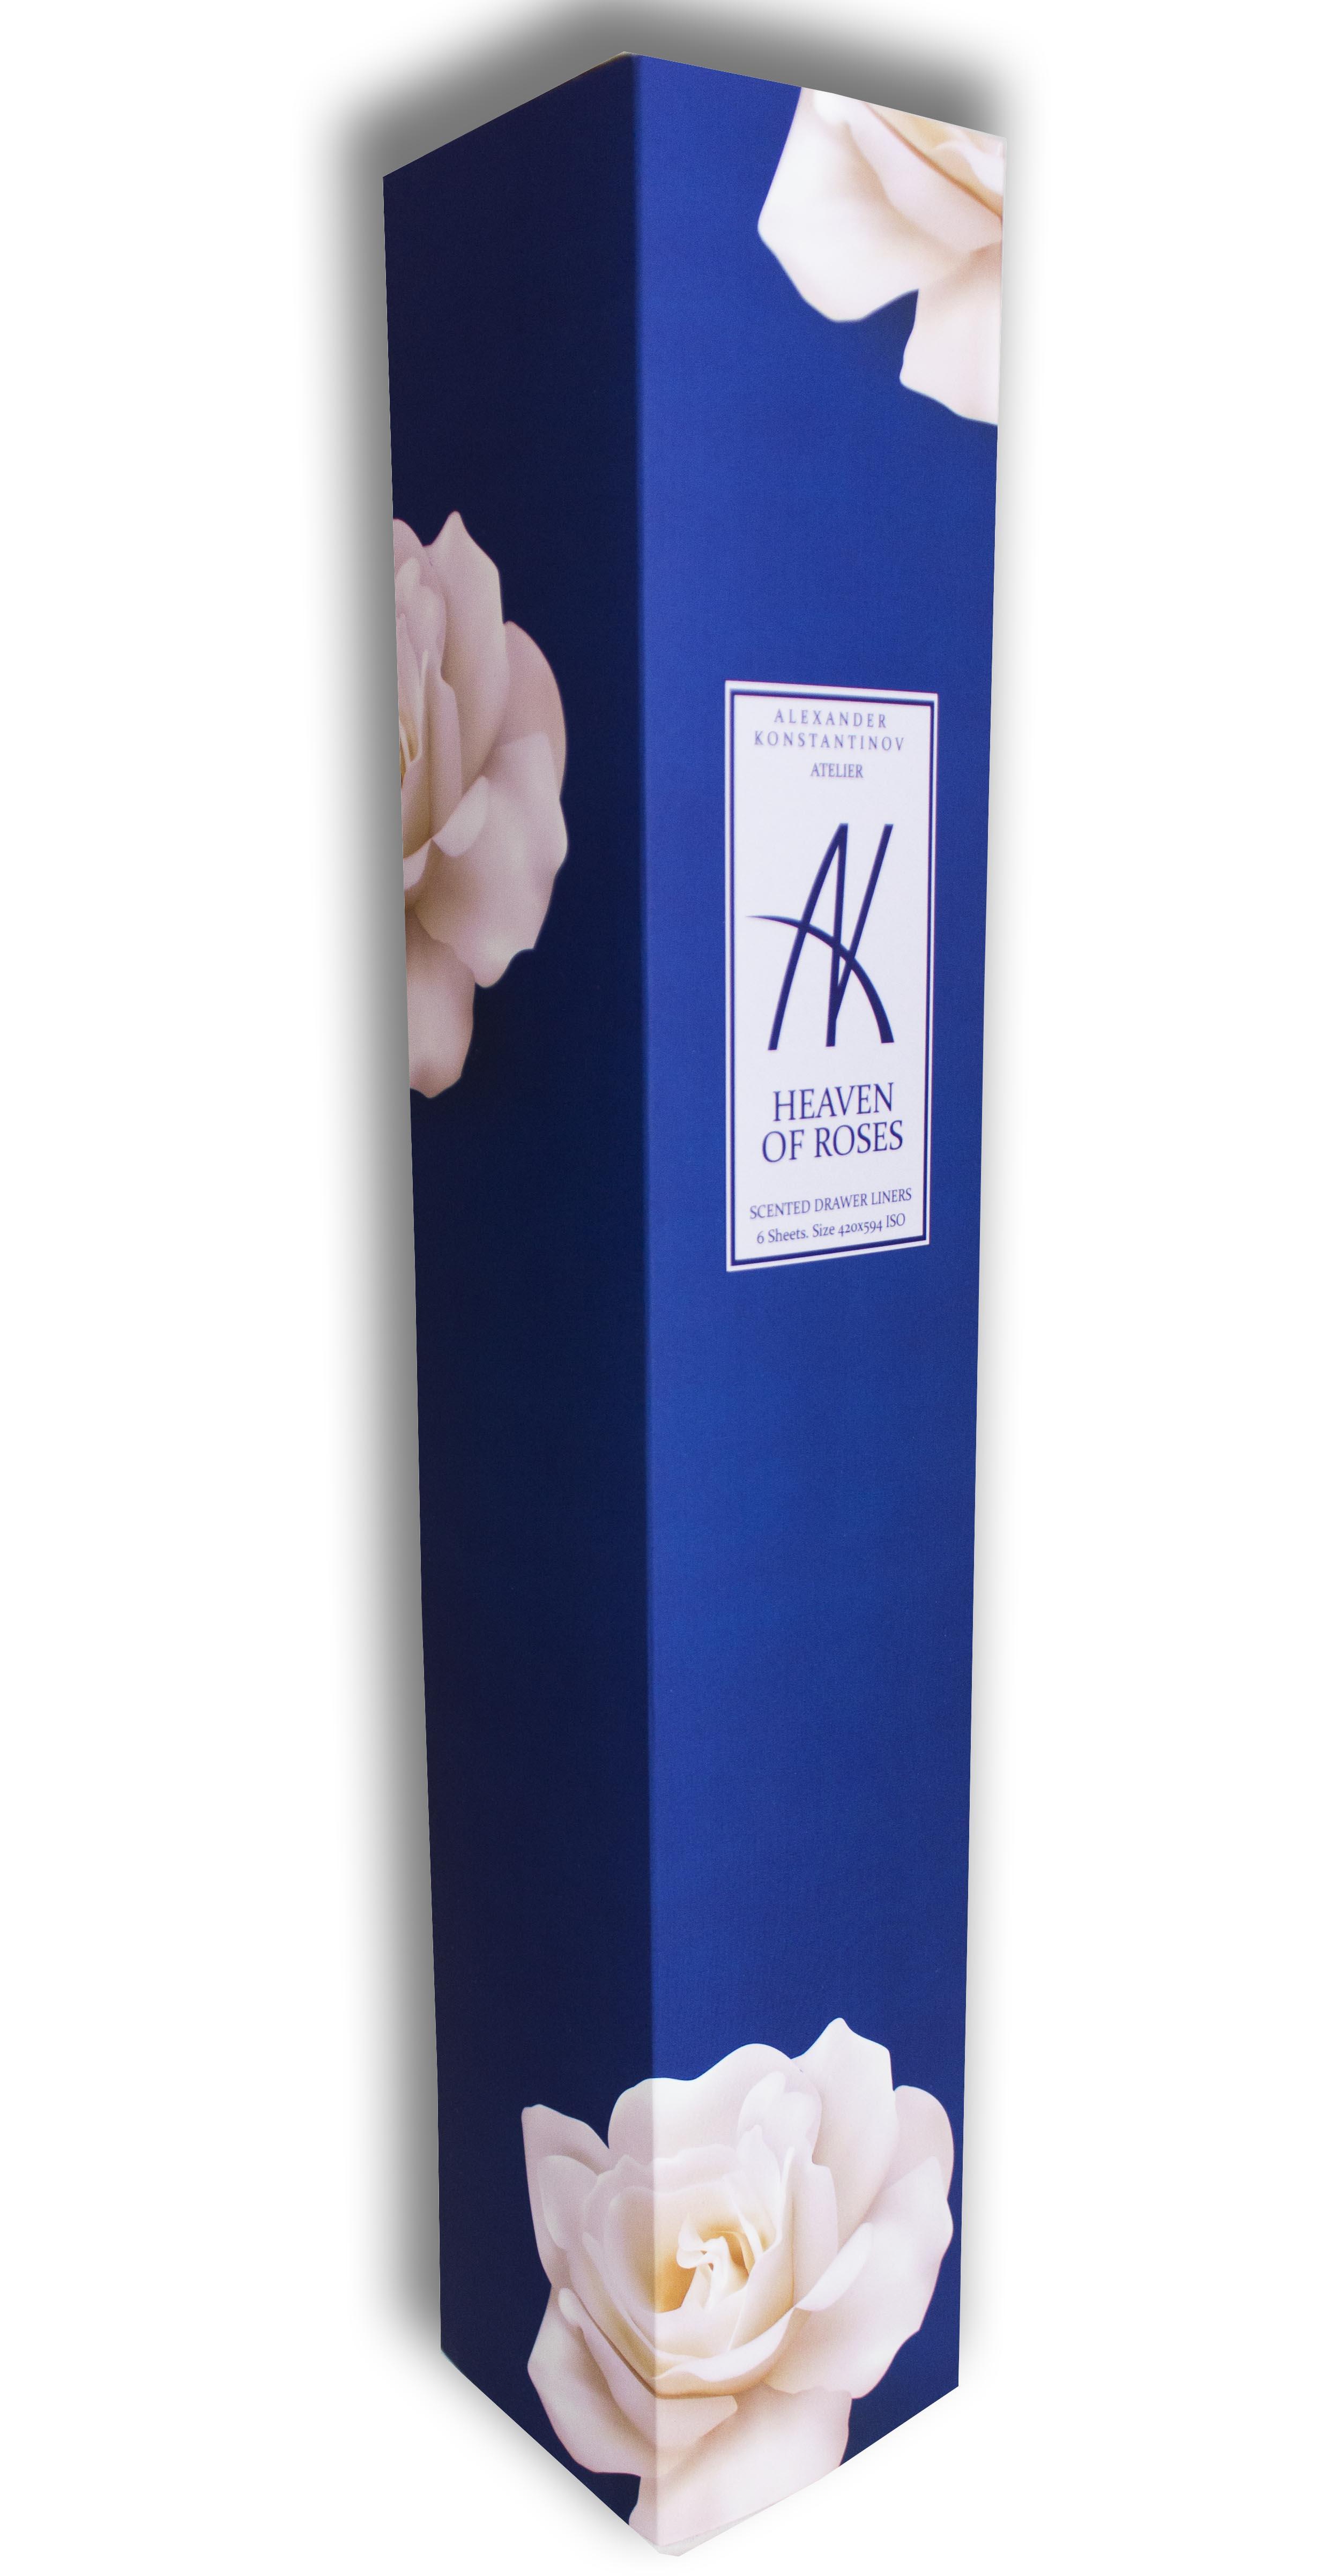 AK ATELIER Аромобумага для комодов (Небеса из Роз) / Heaven of rosesБумага<br>1. АК Ателье расположено в самом сердце Москвы на Рождественском бульваре. 2. Аромосостав для бумаги готовится исключительно из качественных, гипоаллергенных ингредиентов. 3. Бумага обработана аромосоставом вручную, по специальной технологии. 4. Аромобумага обладает легким ненавязчивым ароматом, за счет гигроскопичности регулирует влажность, что создаёт особый микроклимат в Комоде (бельевом шкафу). 5. Бумага запаяна в полиэтиленовый рукав по 6 принтов форматом А2, в комплекте проволочный замок для сохранения аромата в оставшихся листах, не уложенных в ящик. Heaven of roses. Небеса из Роз. Верхние ноты: нероли, фрезия и лист фиалки. Ноты середина: роза, апельсин, жасмин и пион. Базовые аккорды: сандаловое дерево, ваниль, амбра и мускус. Способ применения: перед укладкой, лист можно обрезать или подвернуть под размер ящика. Необходимо дать бумаге  подышать  2-3 минуты.<br>